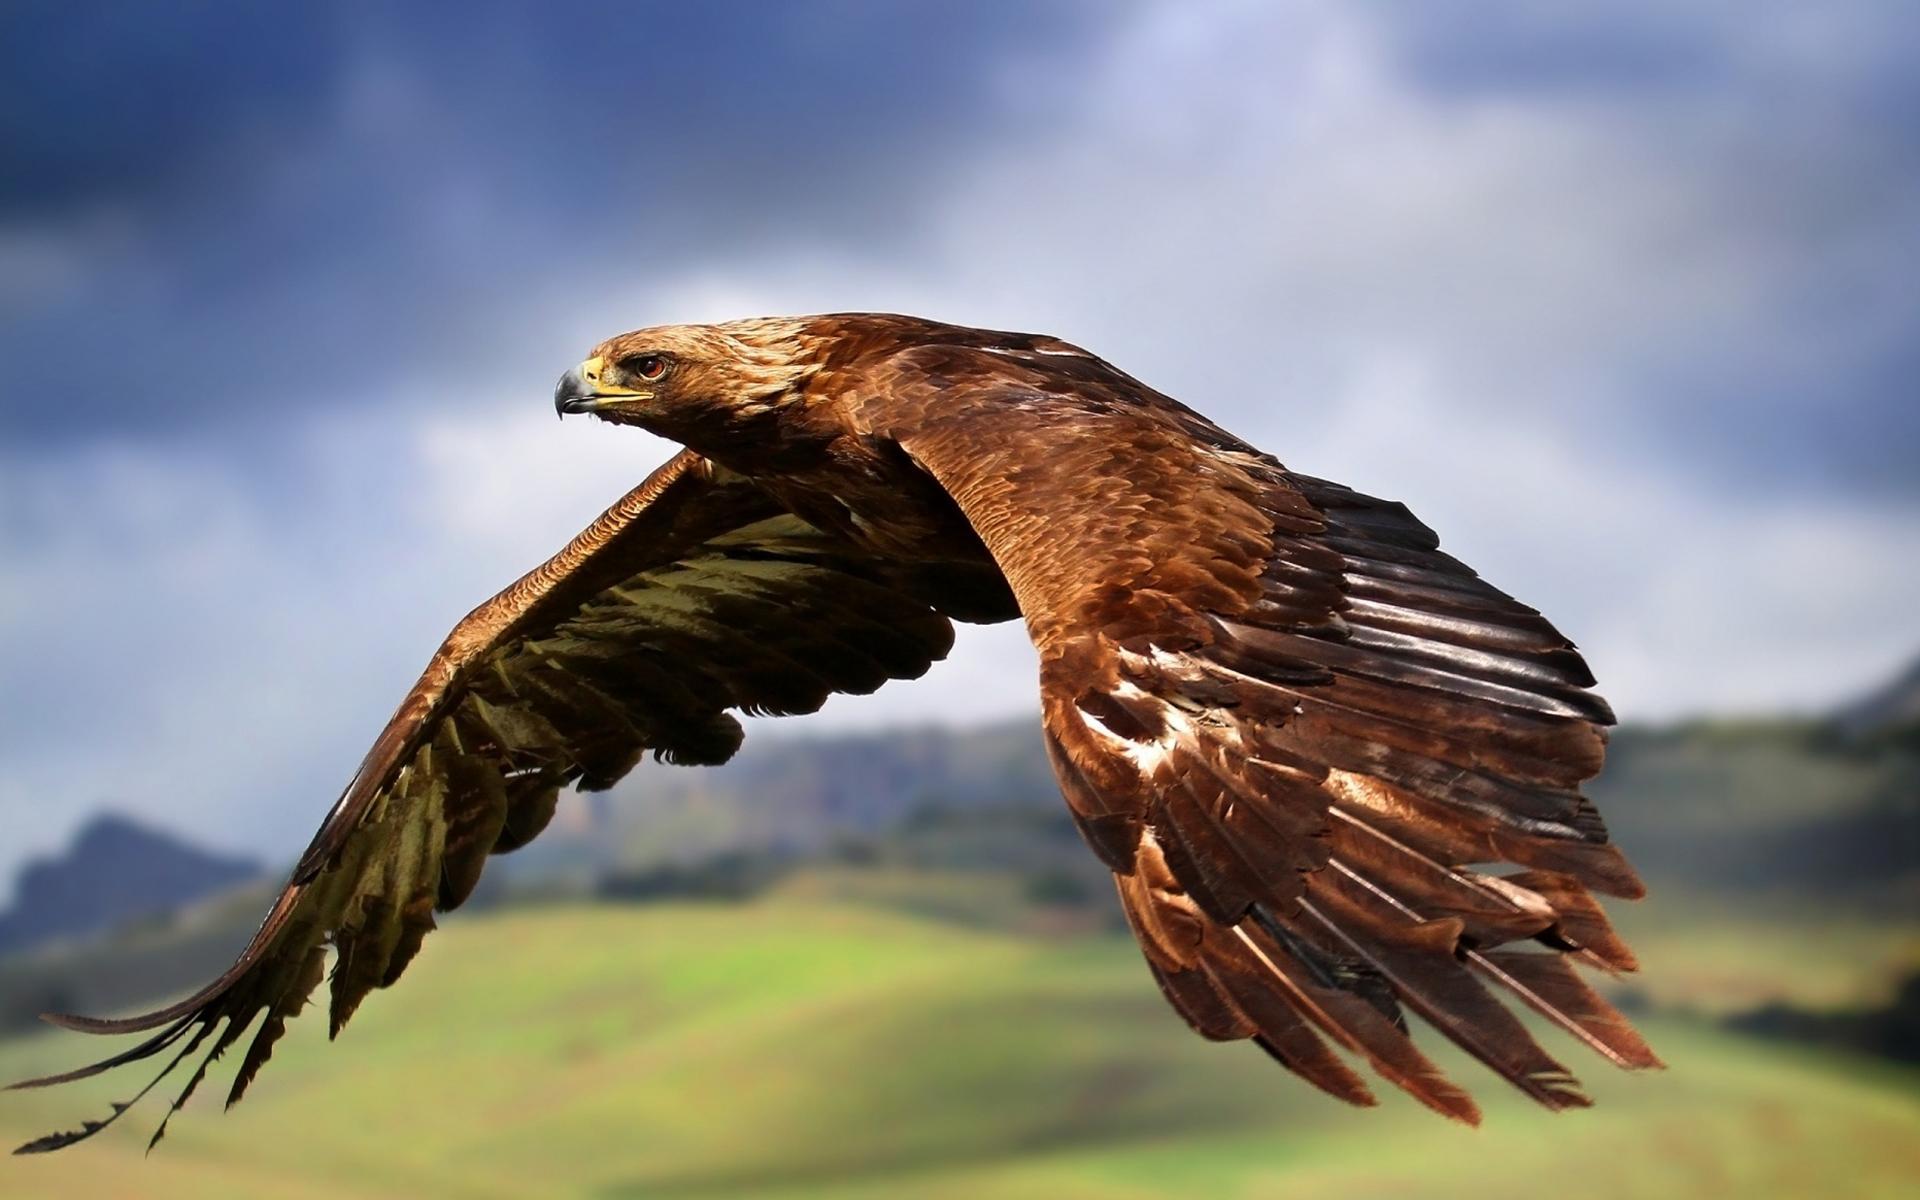 HQ Golden Eagle Wallpapers | File 148.93Kb